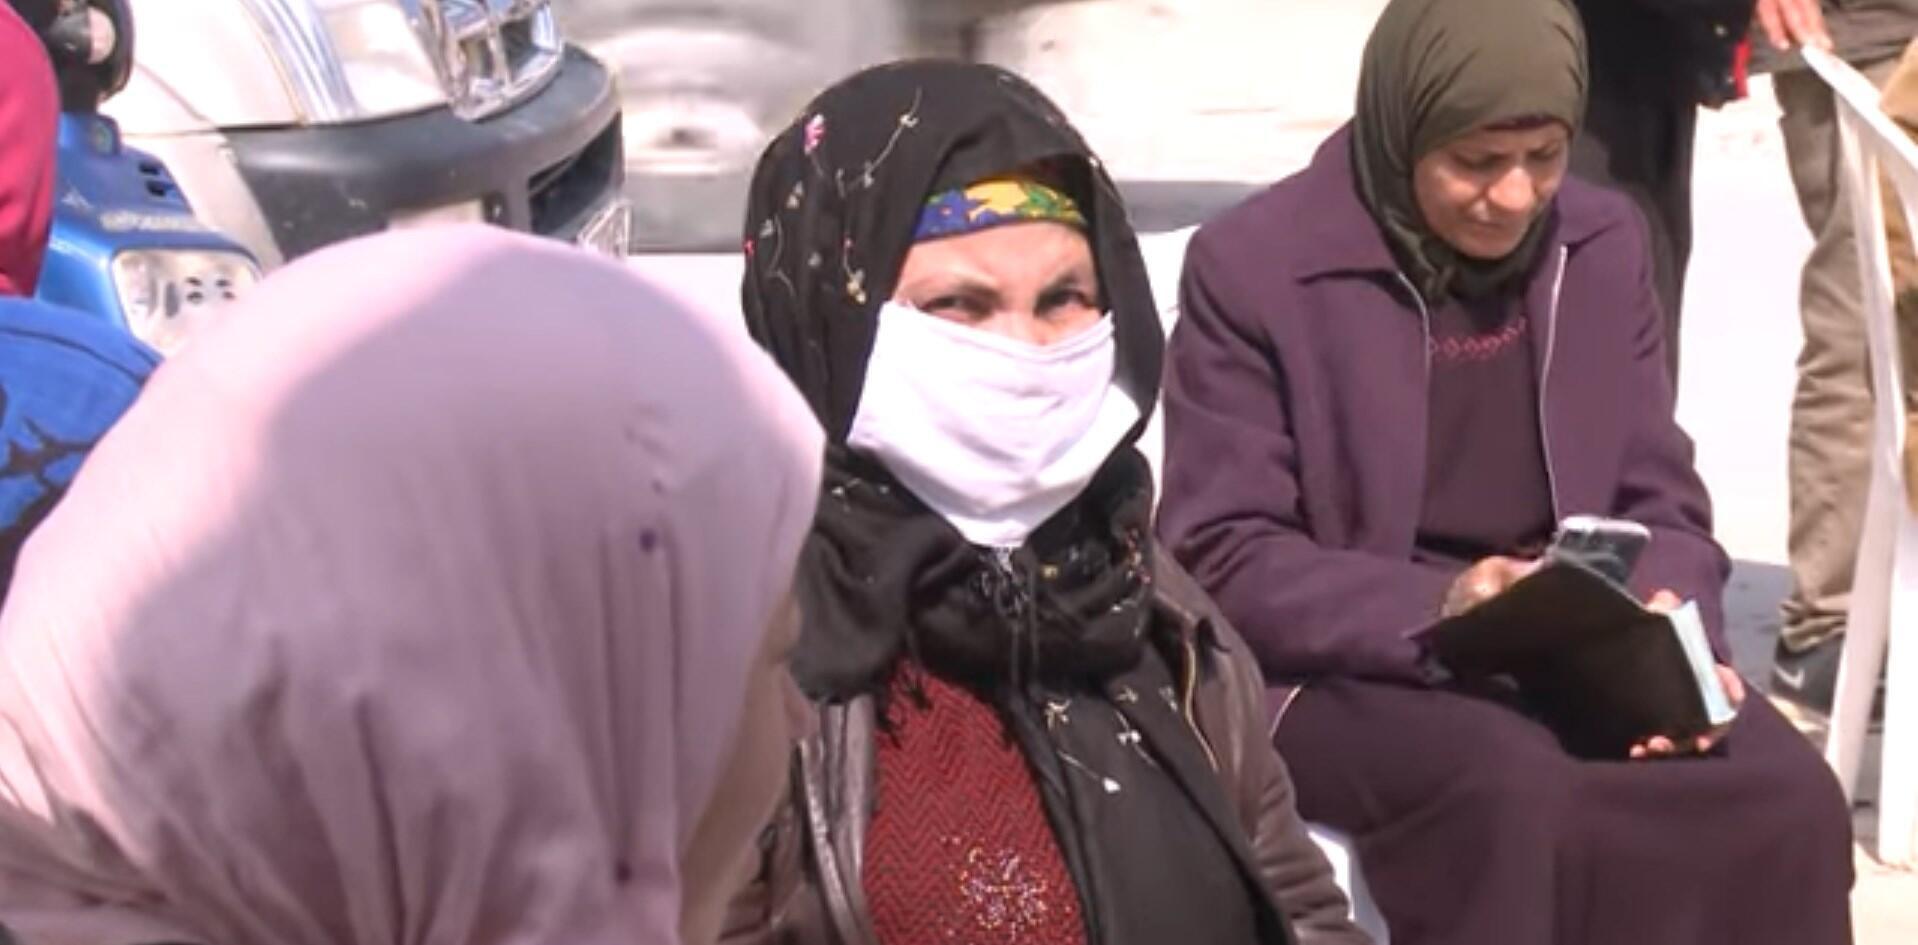 تونسيون يتسلمون مساعدات مالية في ظل أزمة فيروس كورونا